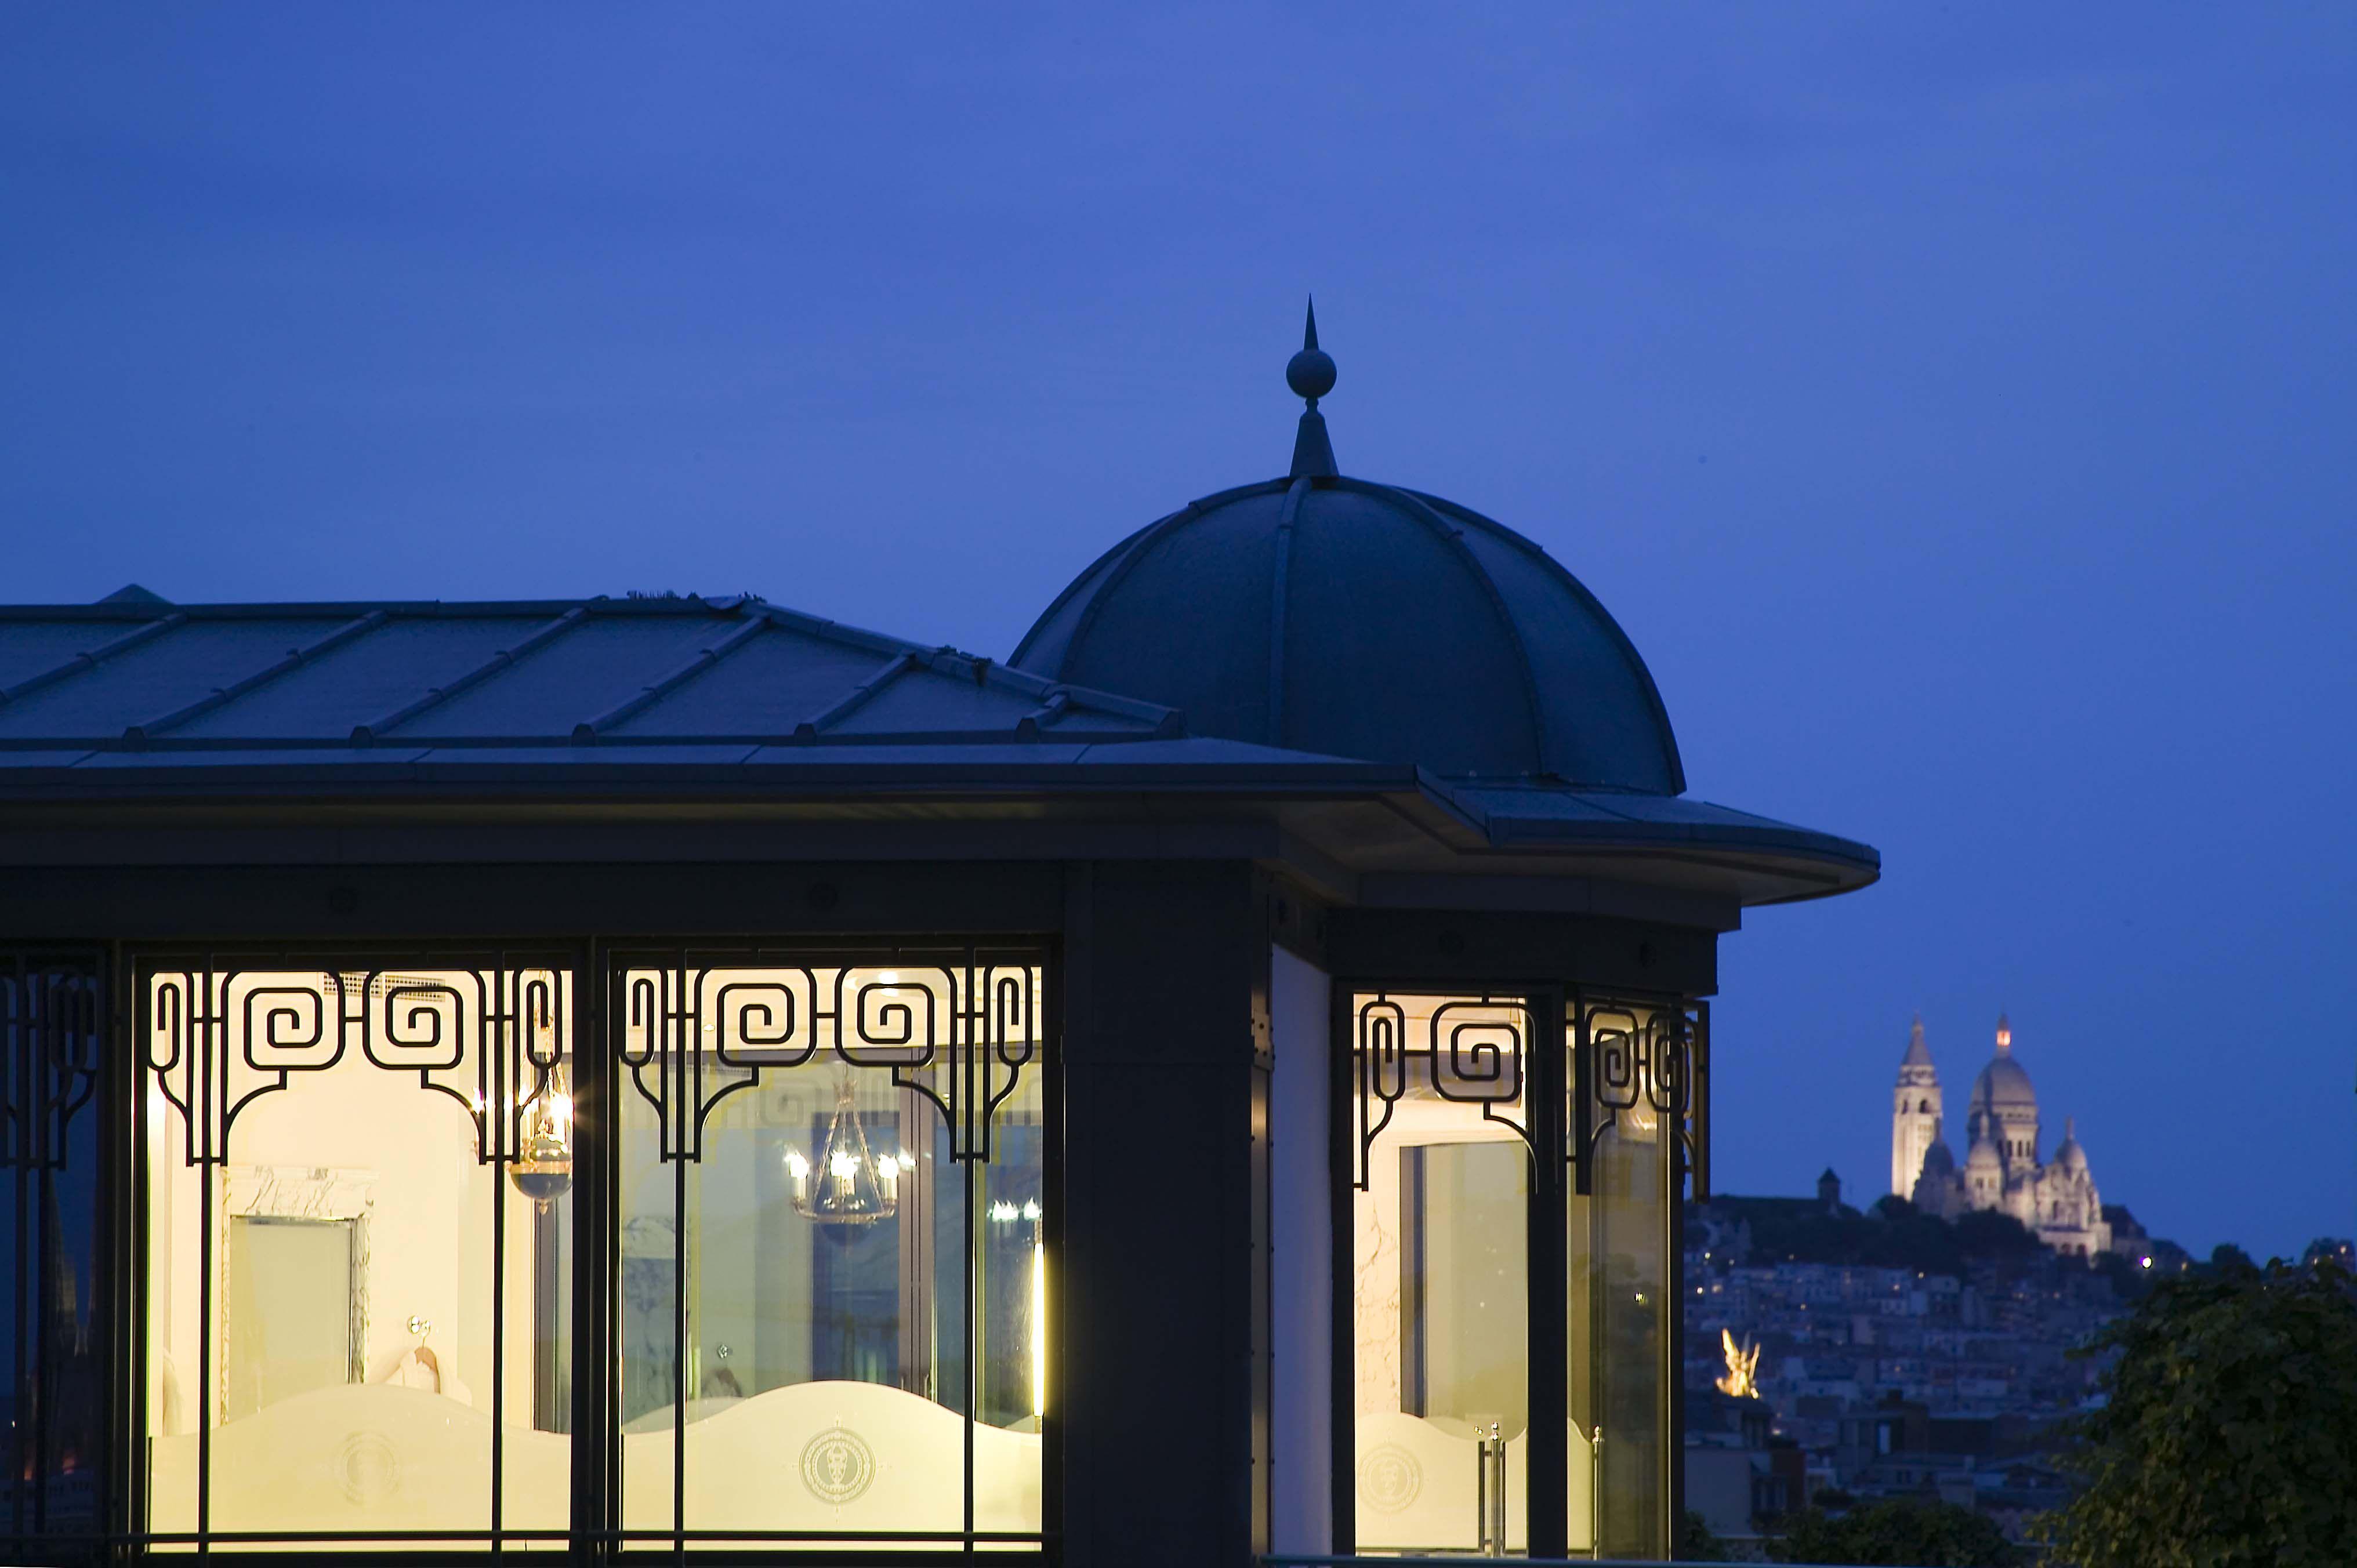 Le Meurice Paris, Belle Etoile Penthouse